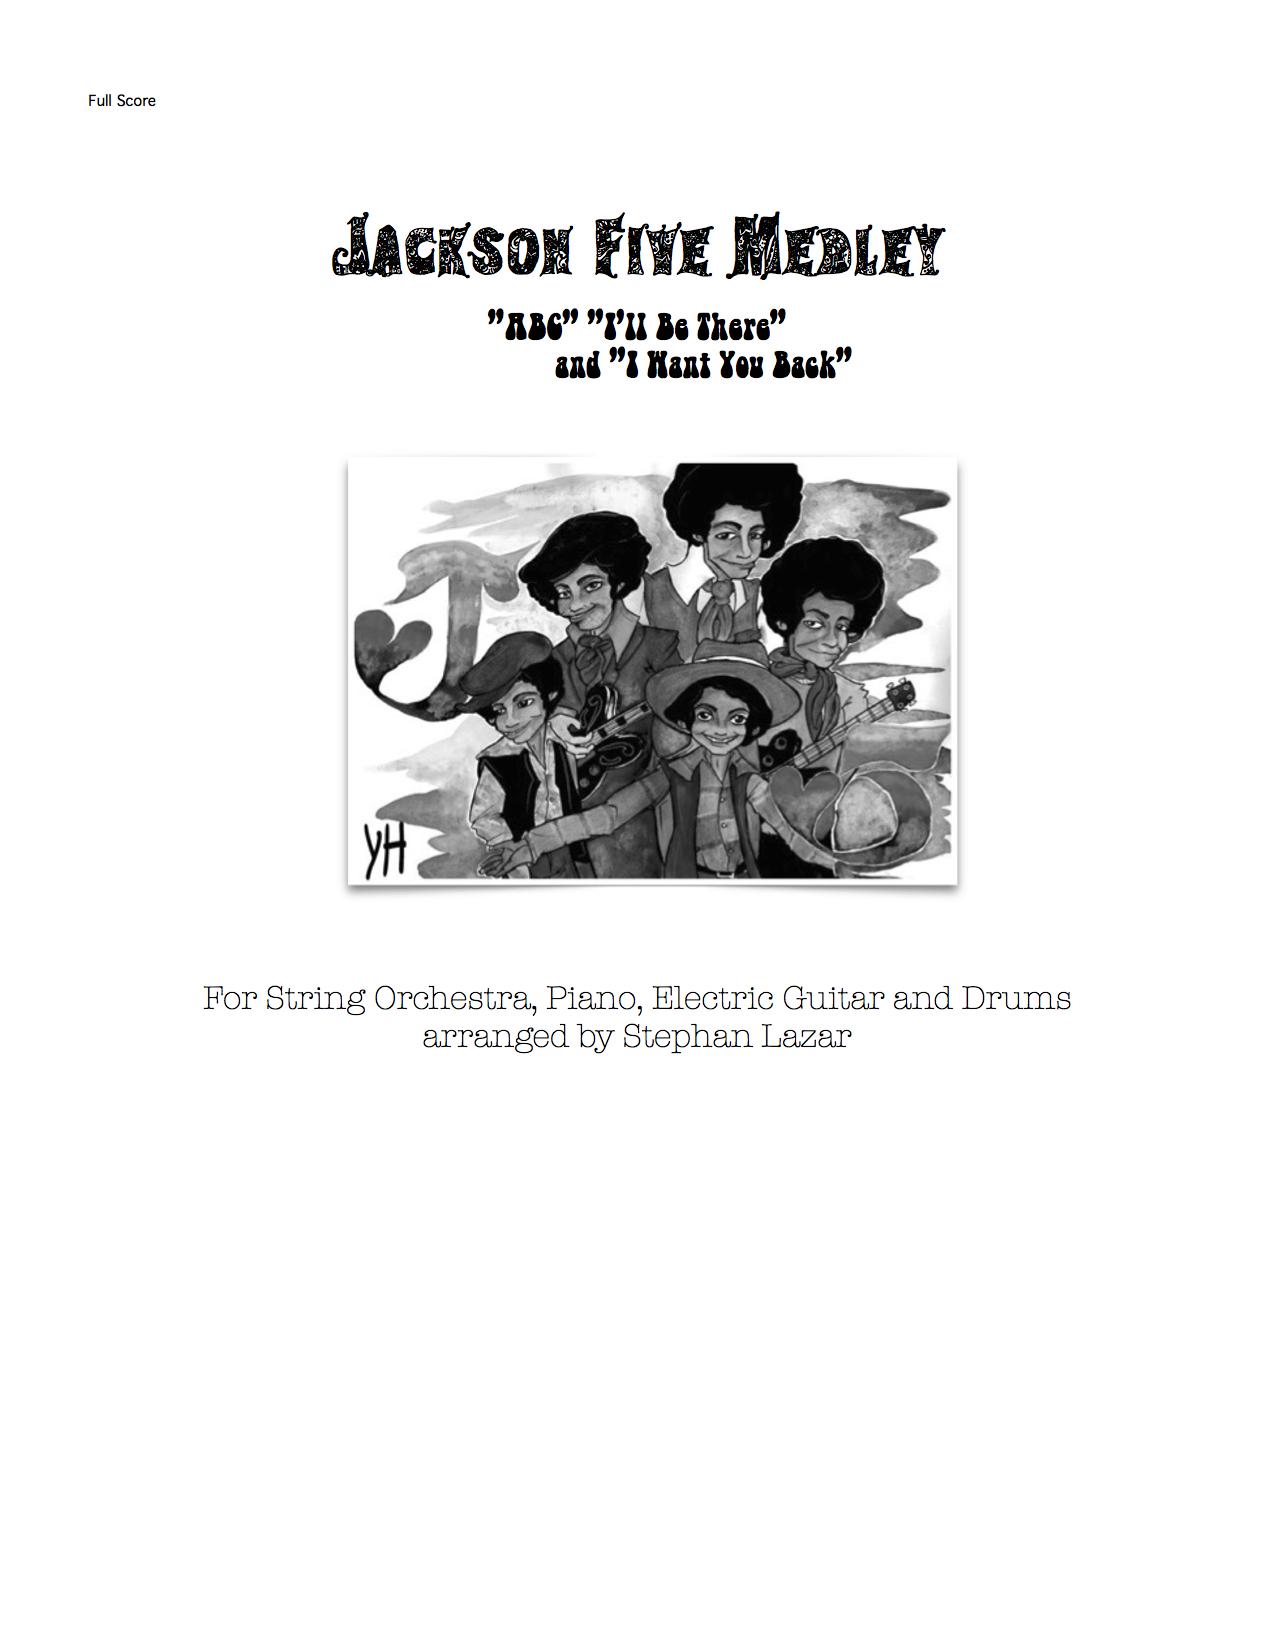 Jackson 5 Medley Score for website.jpg